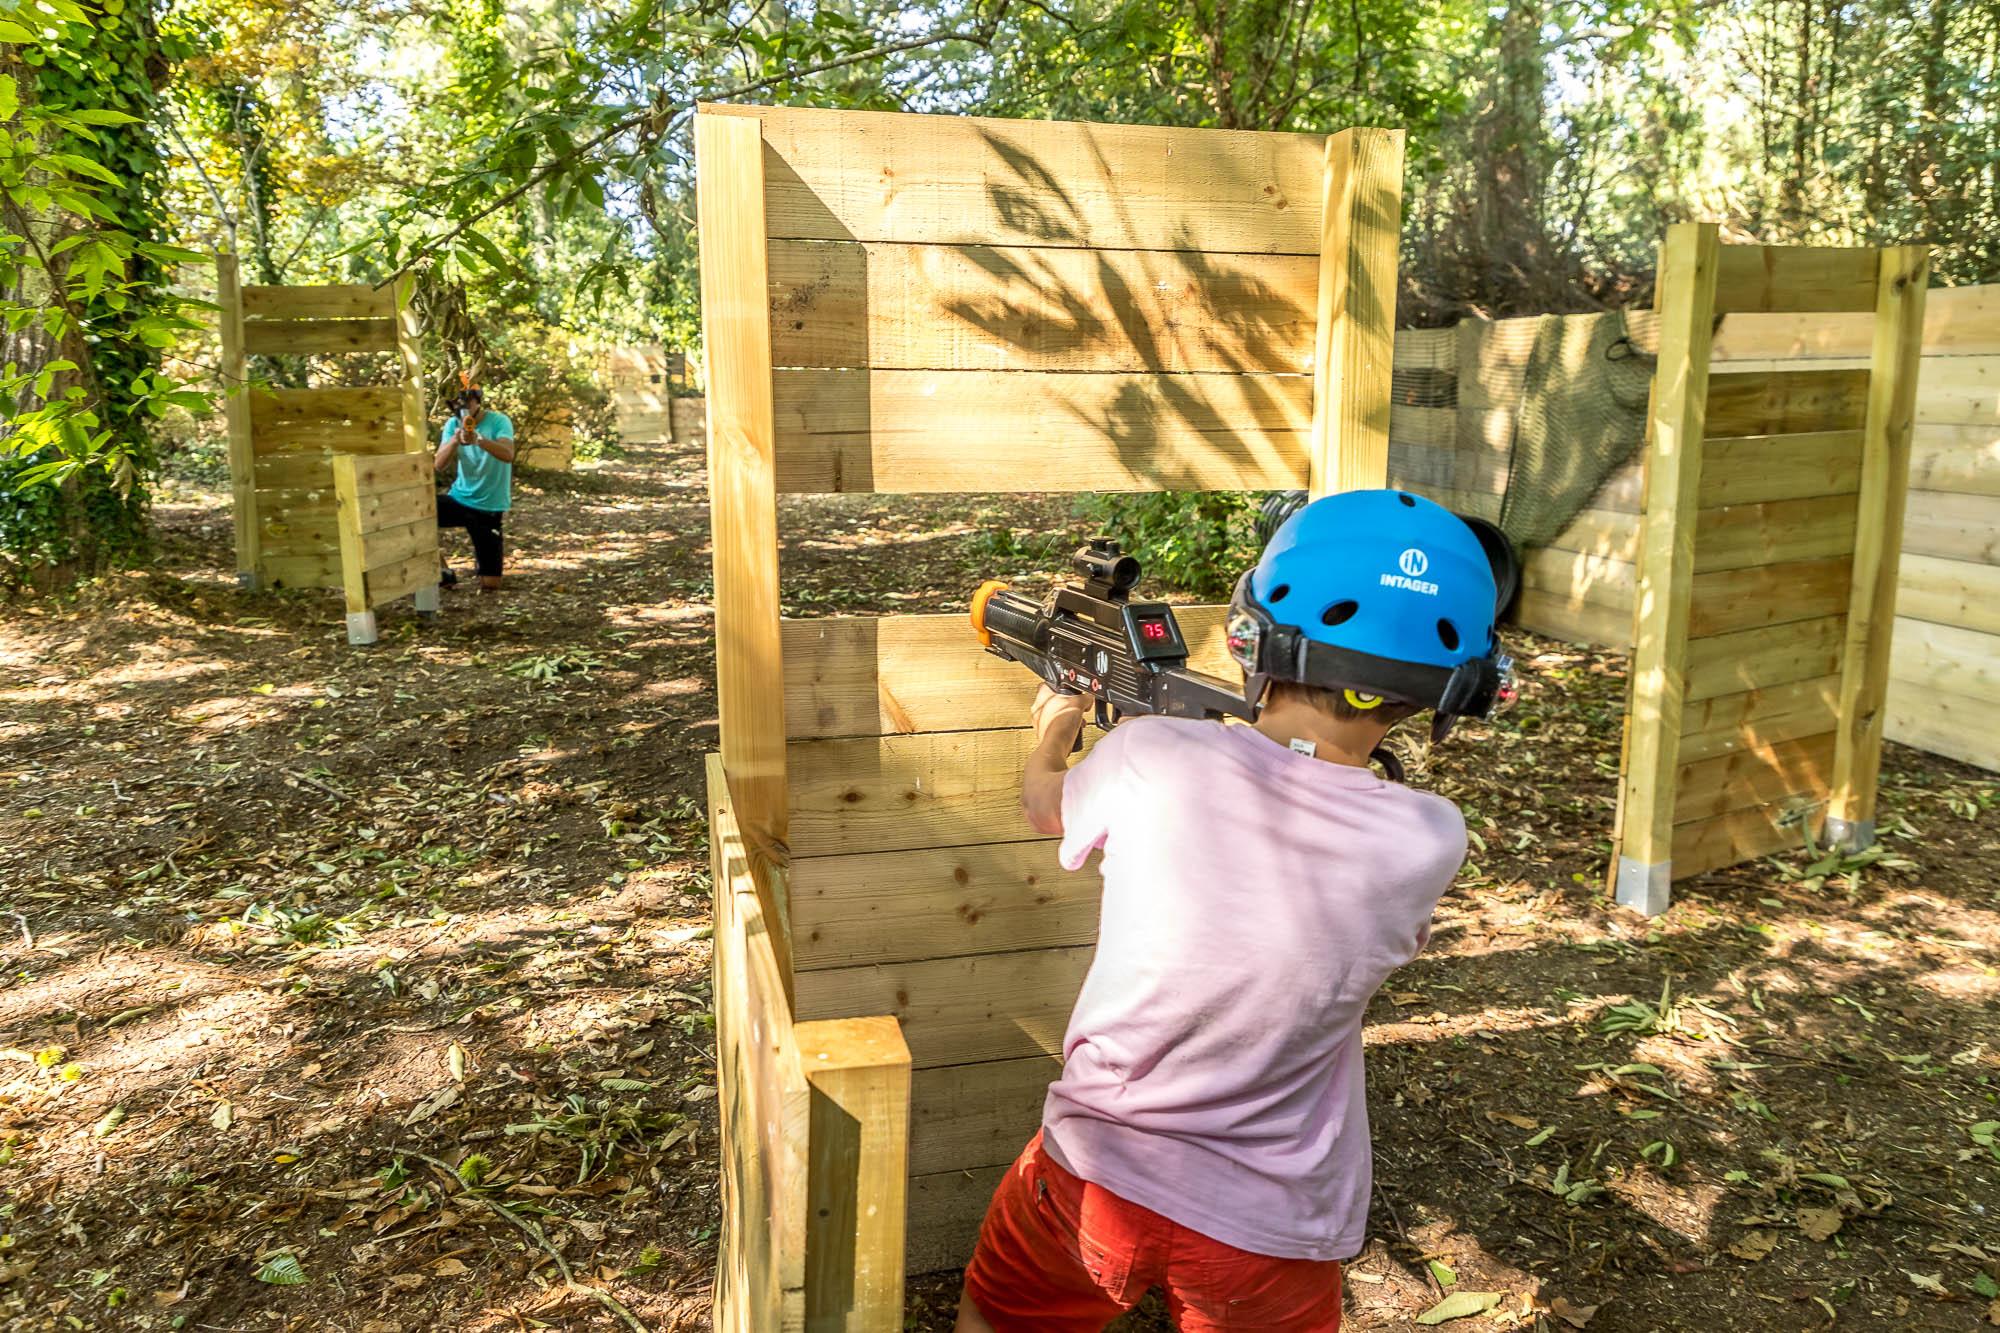 Laser Game à Bénodet à proximité de Quimper au Parc Accro Bat à Clohars-Fouesnant